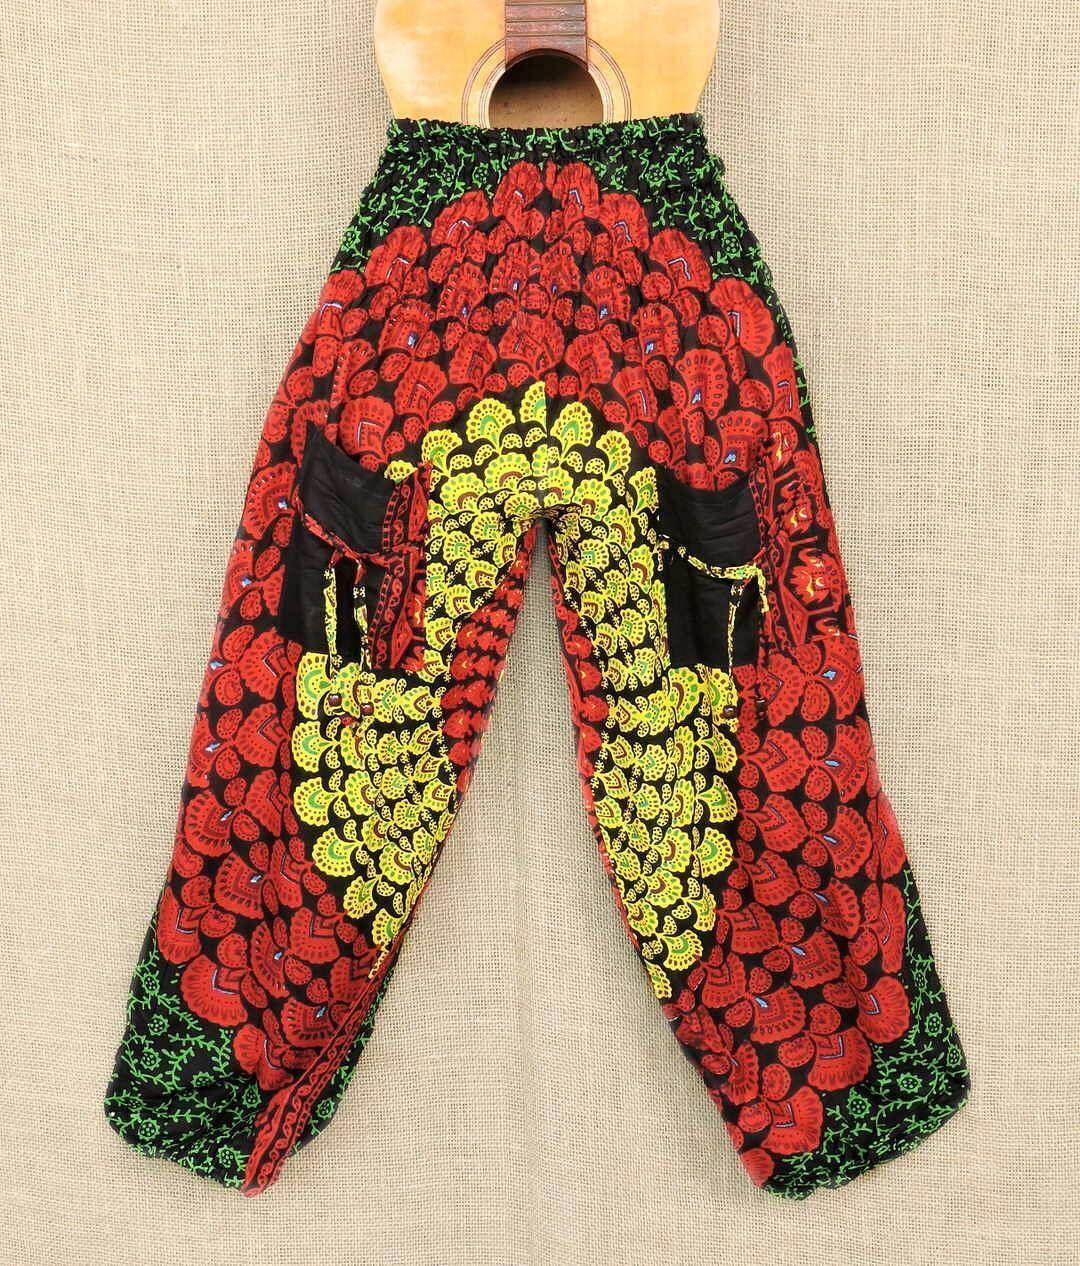 Calças indianas psicodélicas cores e formas que fogem dos padrões.  Por 6490.  Saiba mais pelo nosso whatsapp: 13982166299